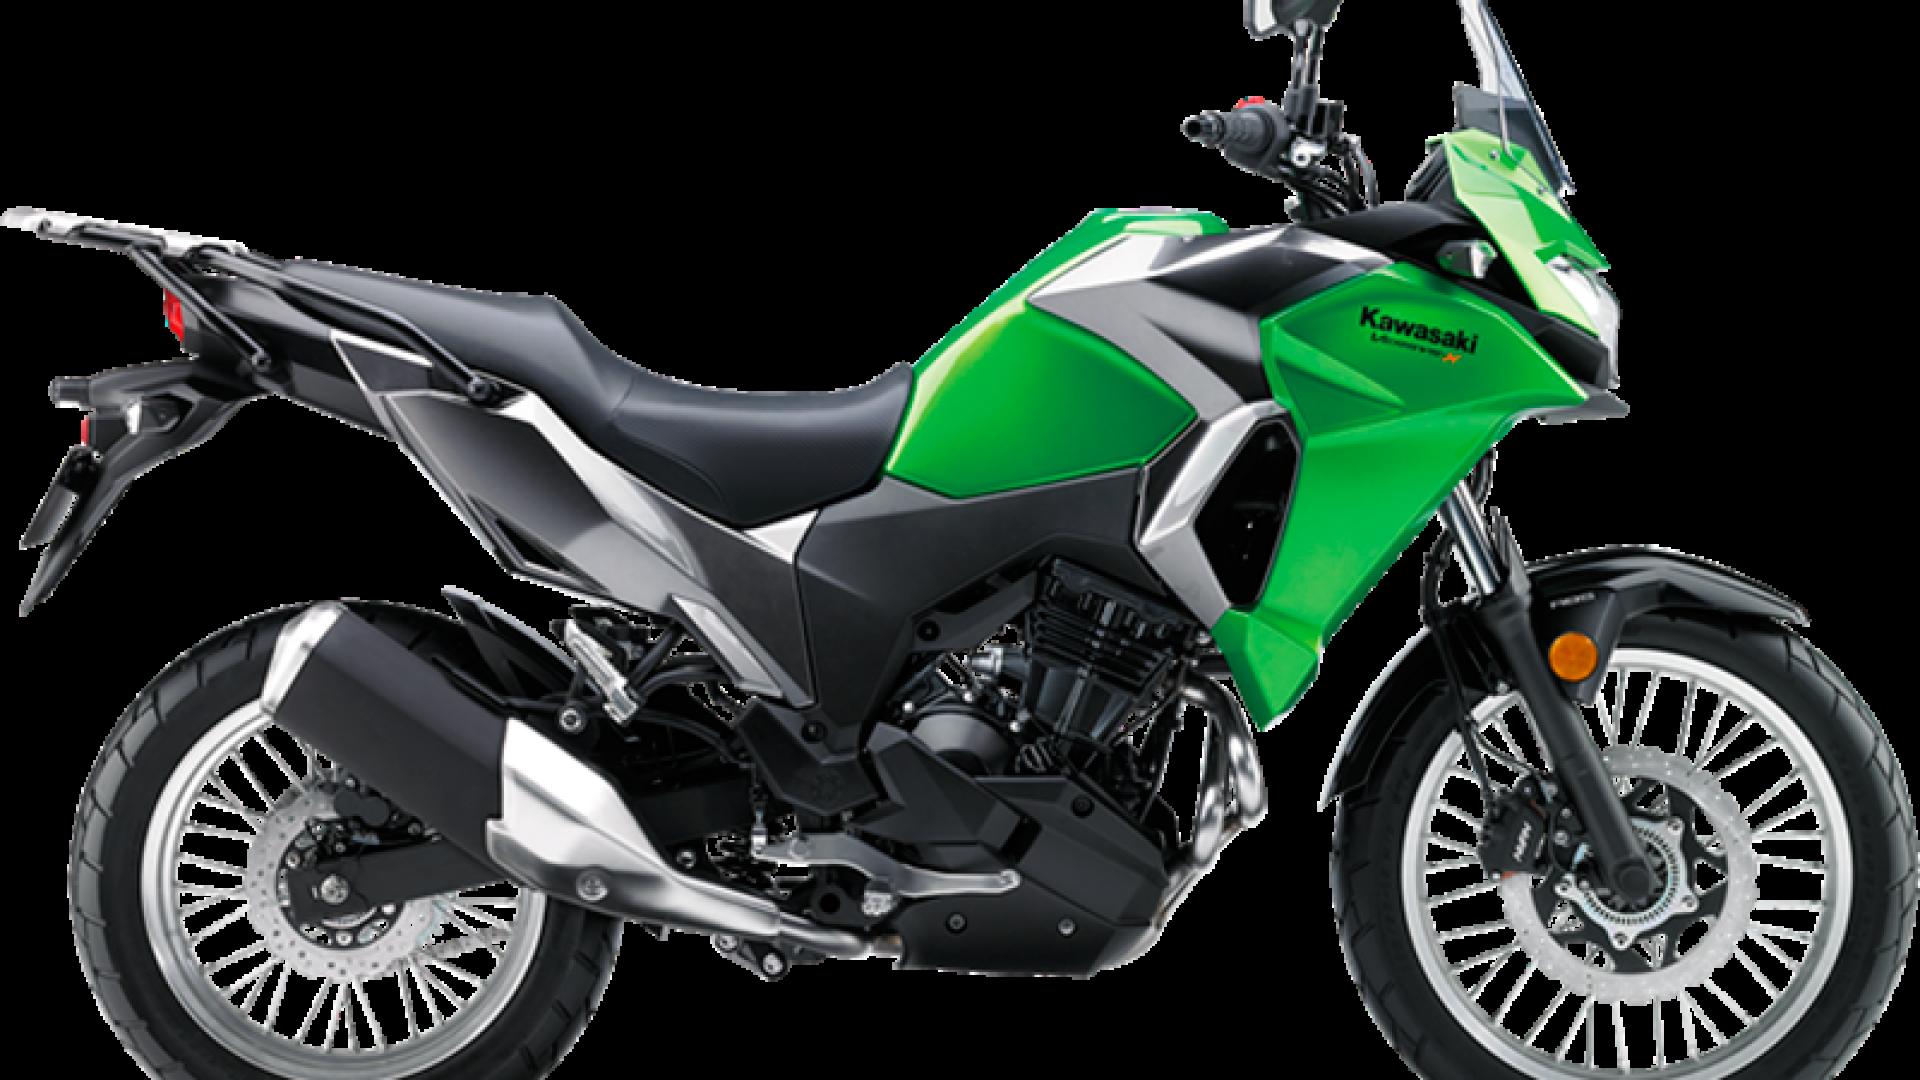 Ride MB es una Agencia Premium de Alquiler de Motocicletas y Tours en Moto legalmente establecida en México. Agenda AHORA tu reserva y descubre México en dos ruedas!